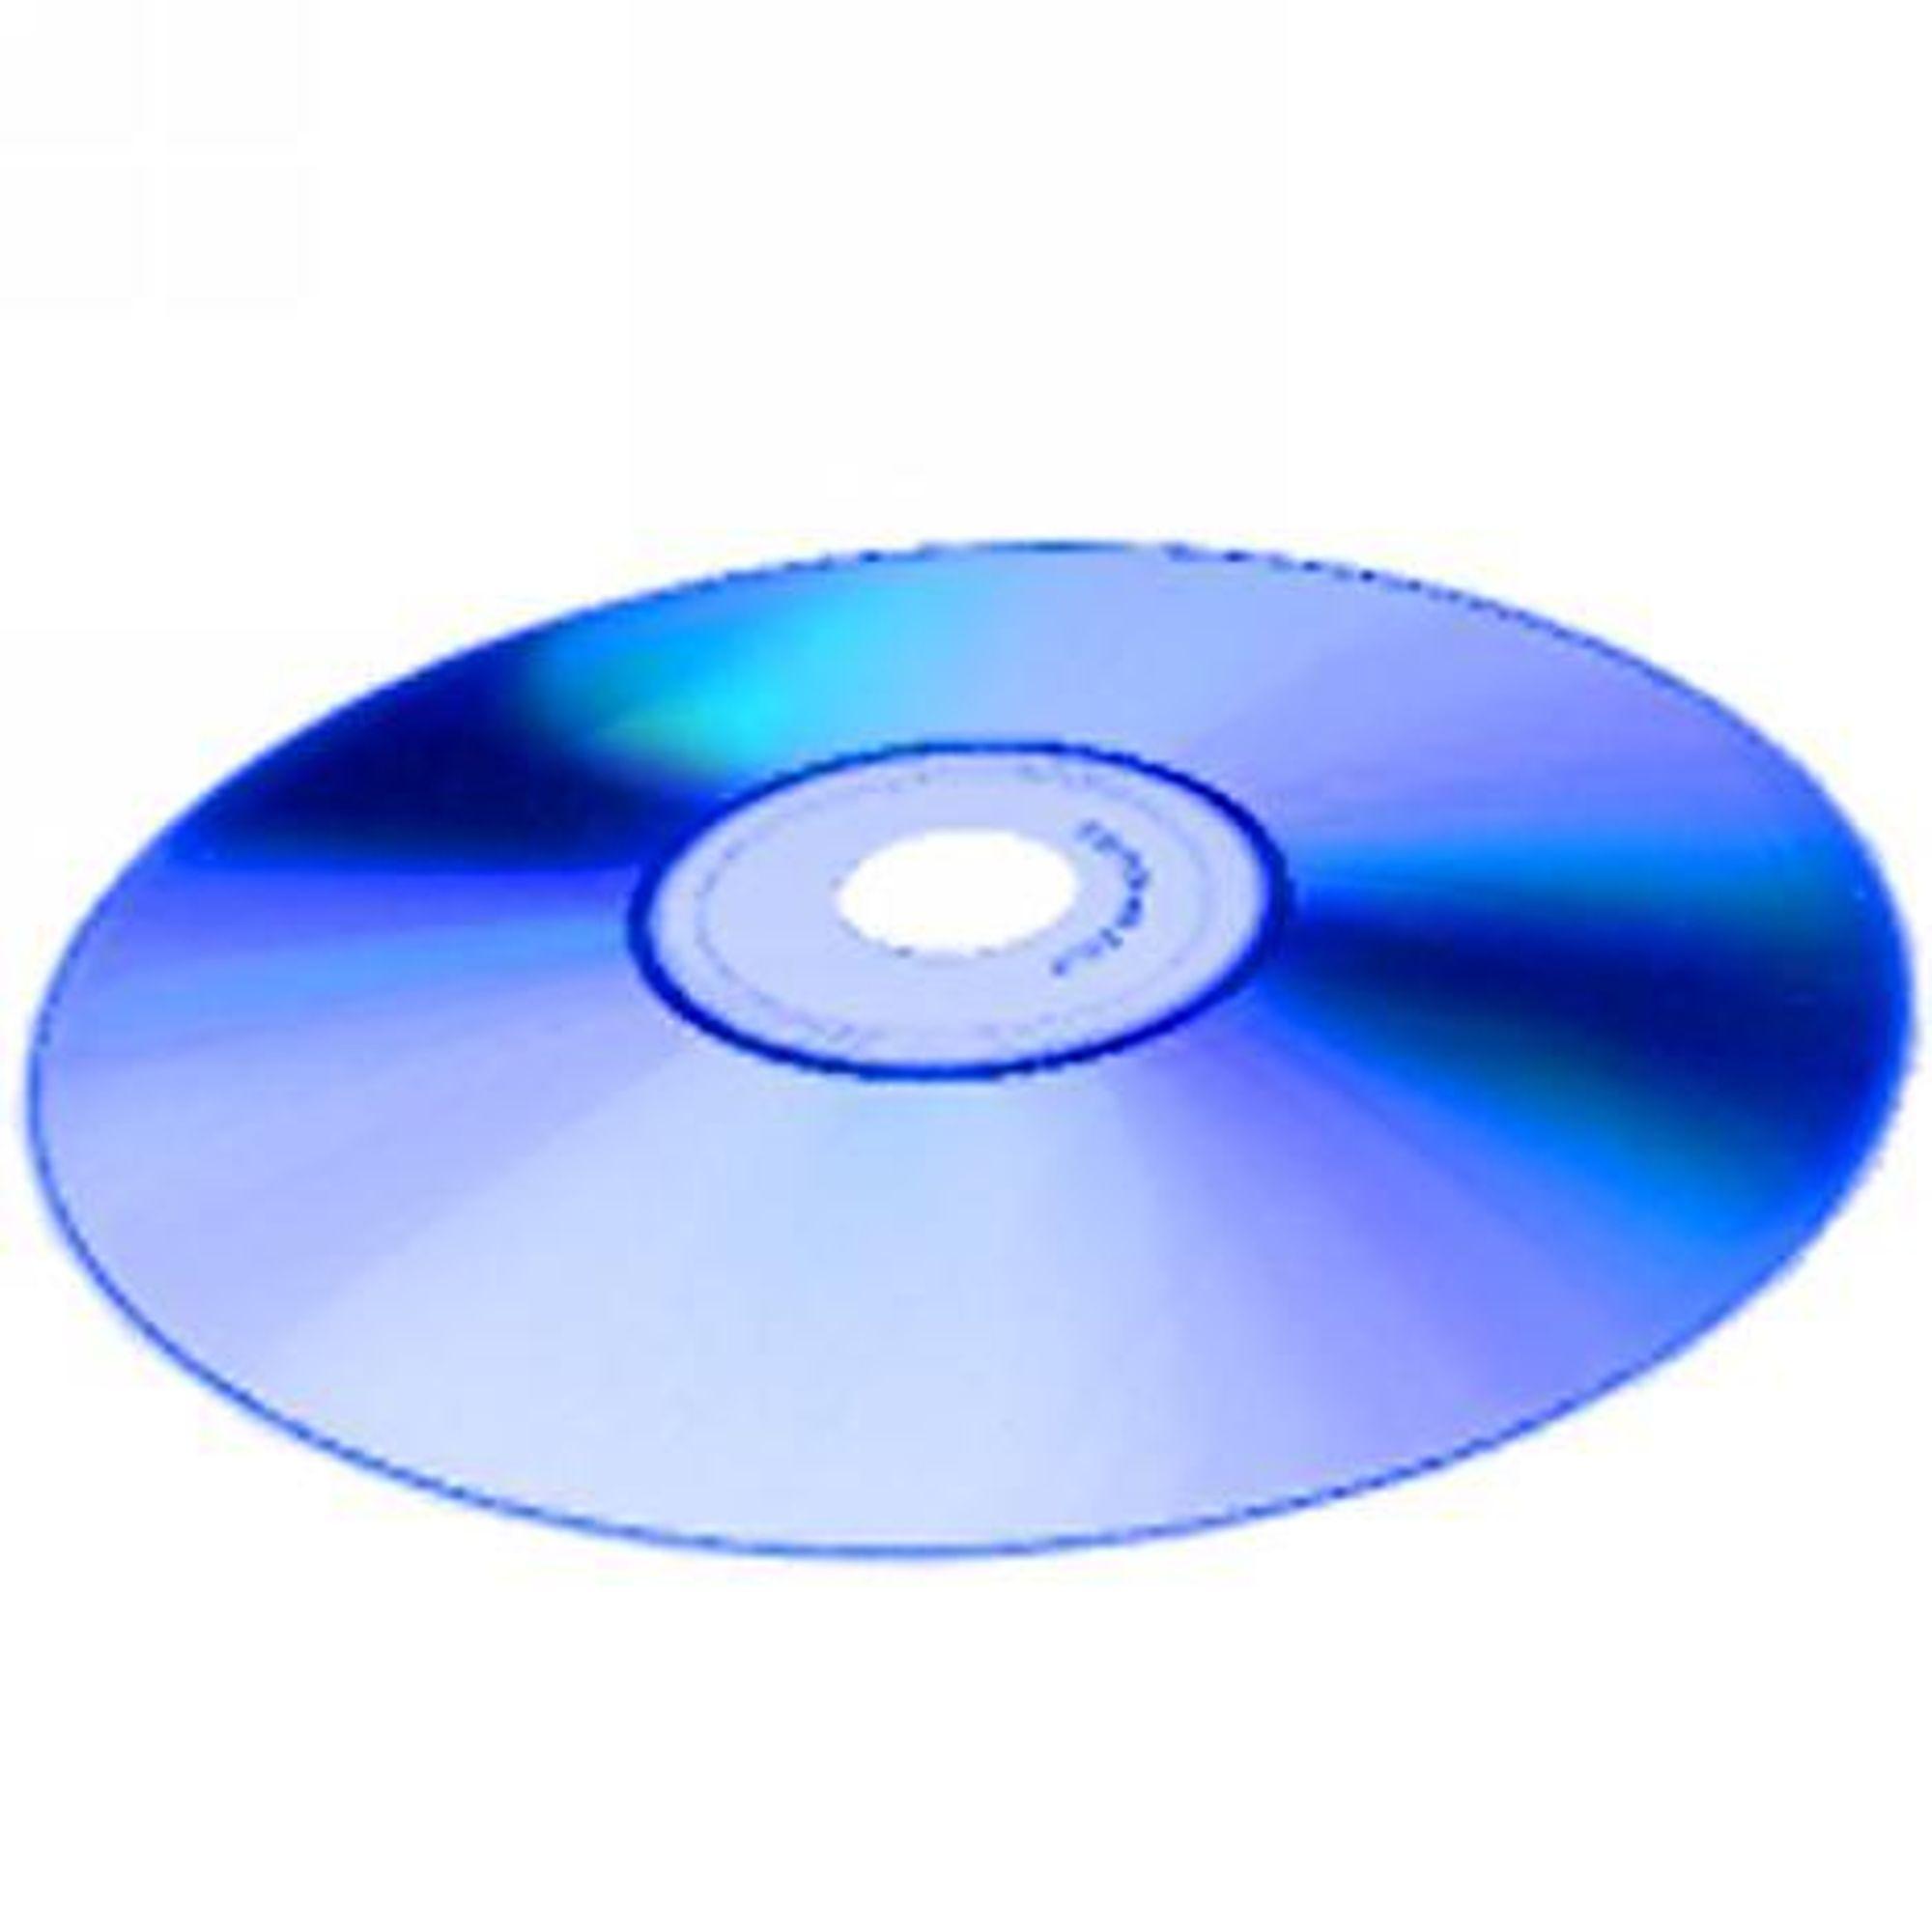 HVEM VINNER? Krigen mellom de to teknologiutfordrerne til neste generasjons optiske media bølger frem og tilbake. Blu-ray eller HD-DVD? Framtidas DVD-format.